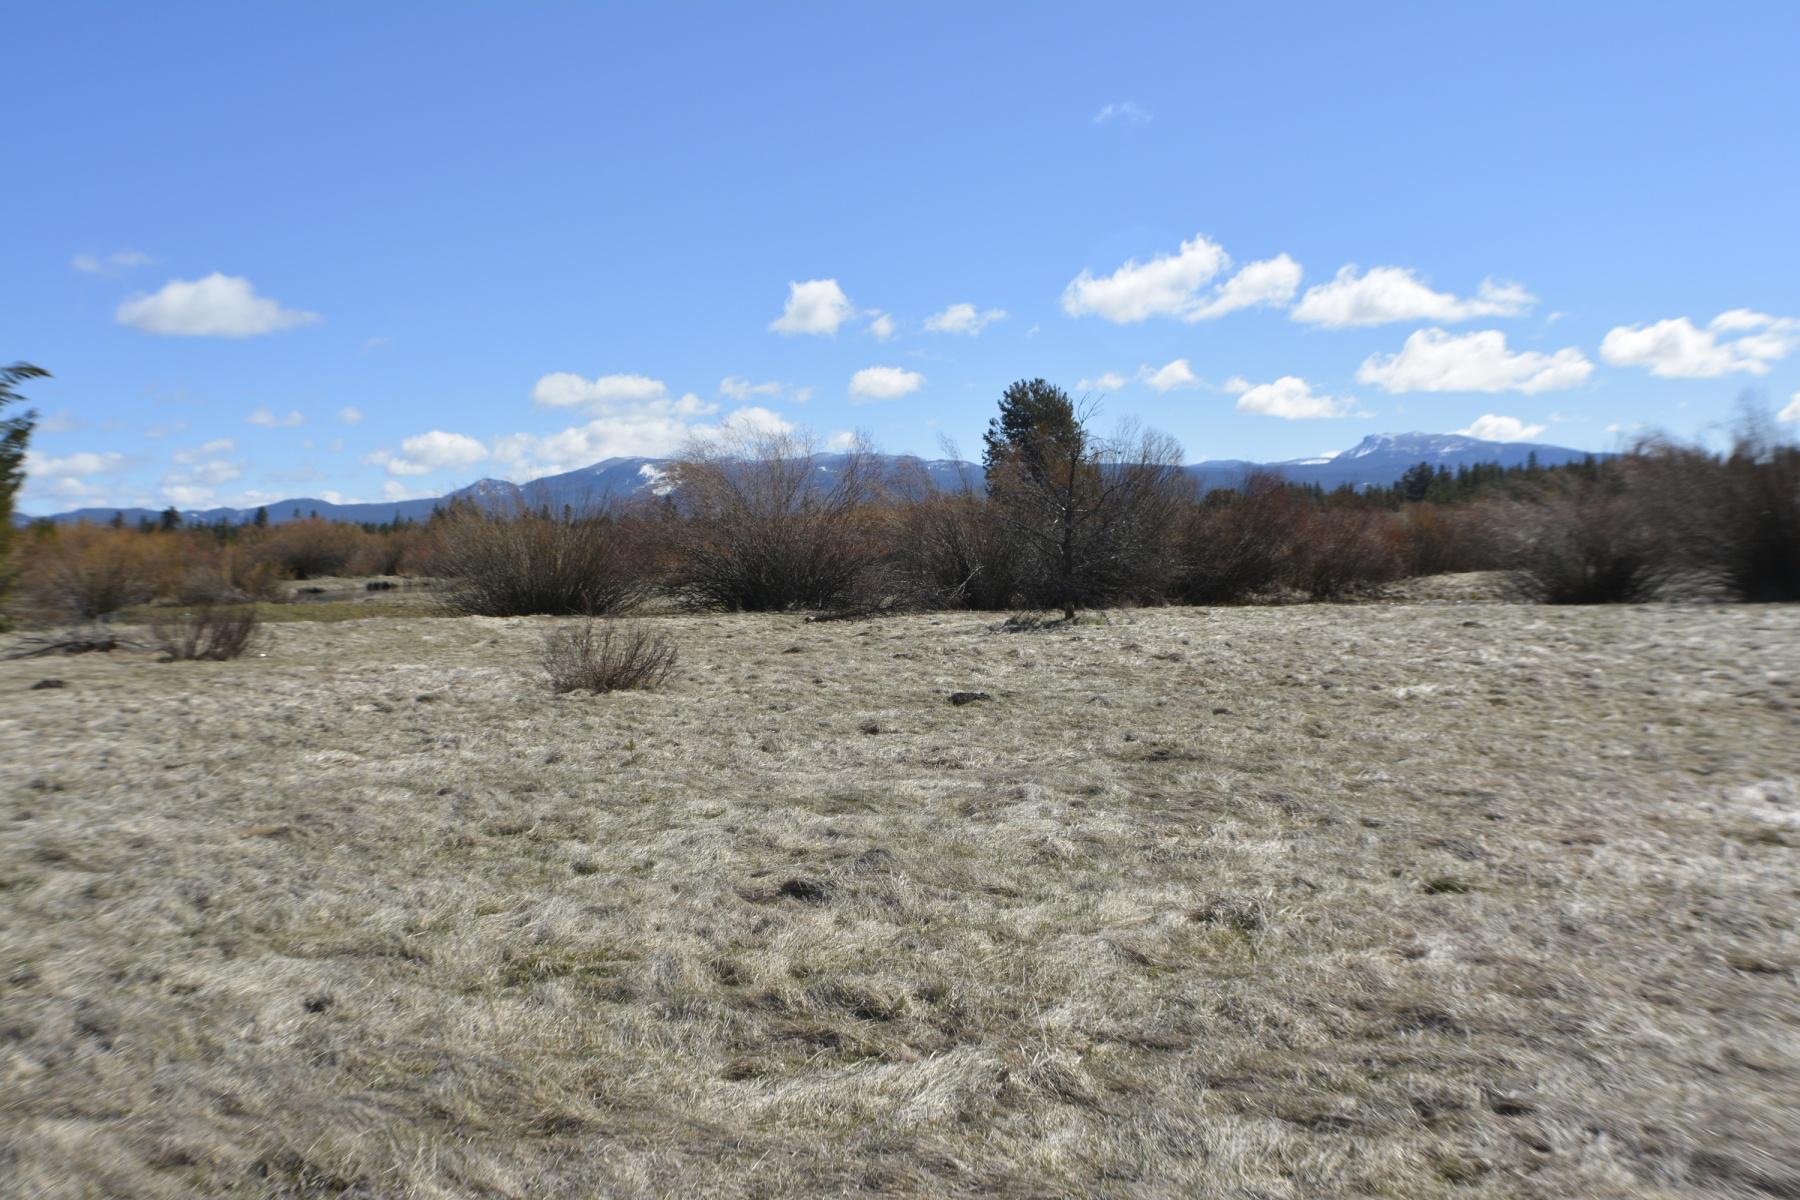 Terreno por un Venta en 53990 Pine Grove Road, LA PINE 53990 Pine Grove Rd La Pine, Oregon, 97739 Estados Unidos